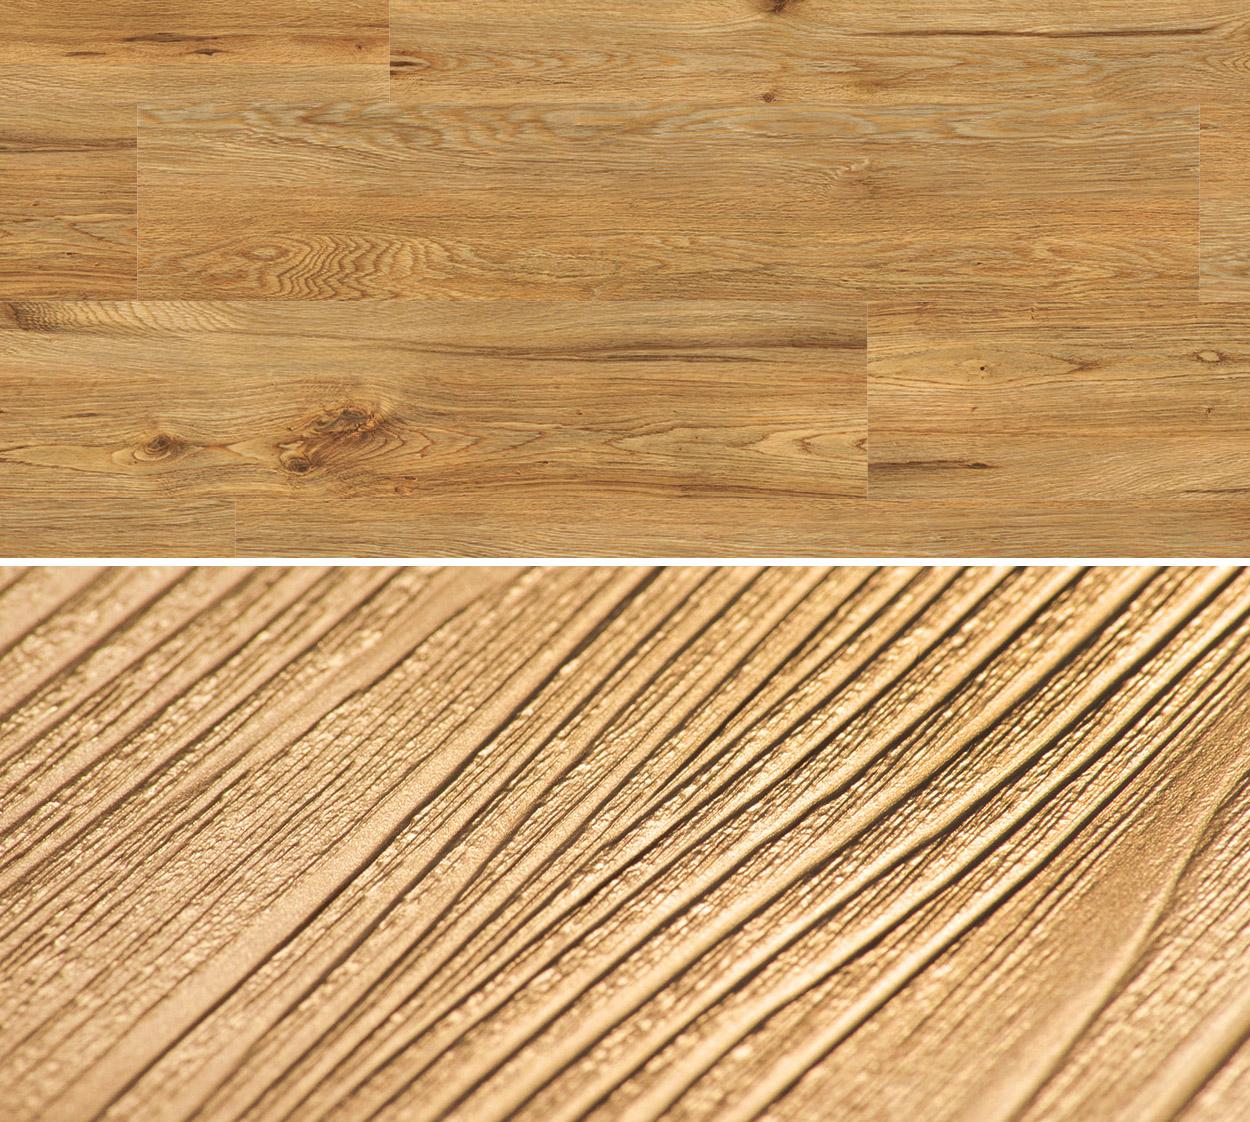 floors@work Planks